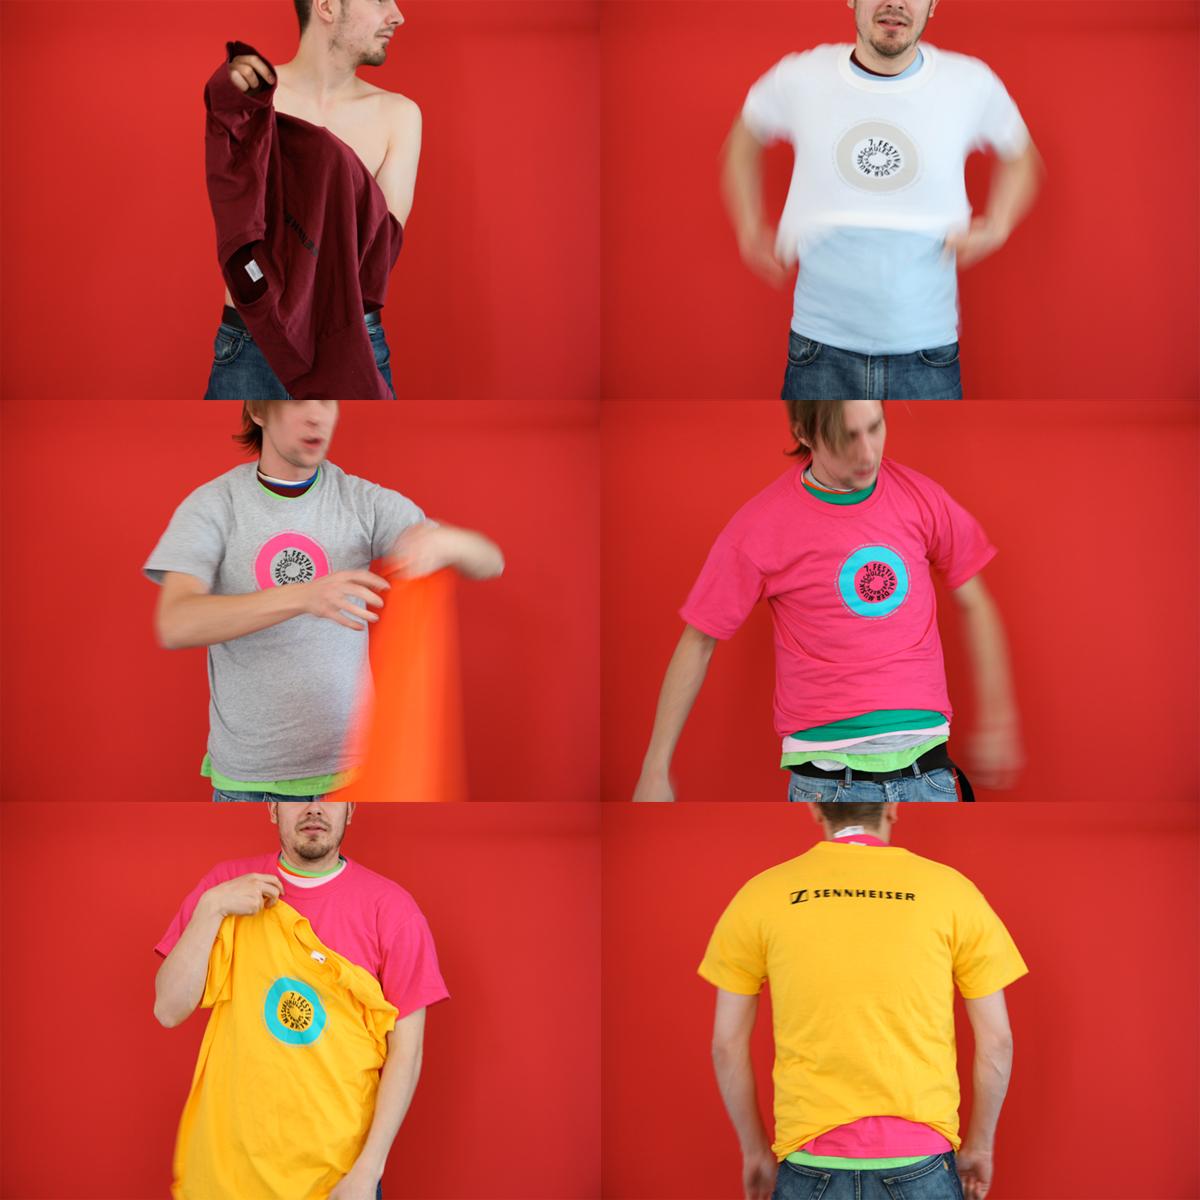 Zwoelf_Musikschultage_06_shirtfarben